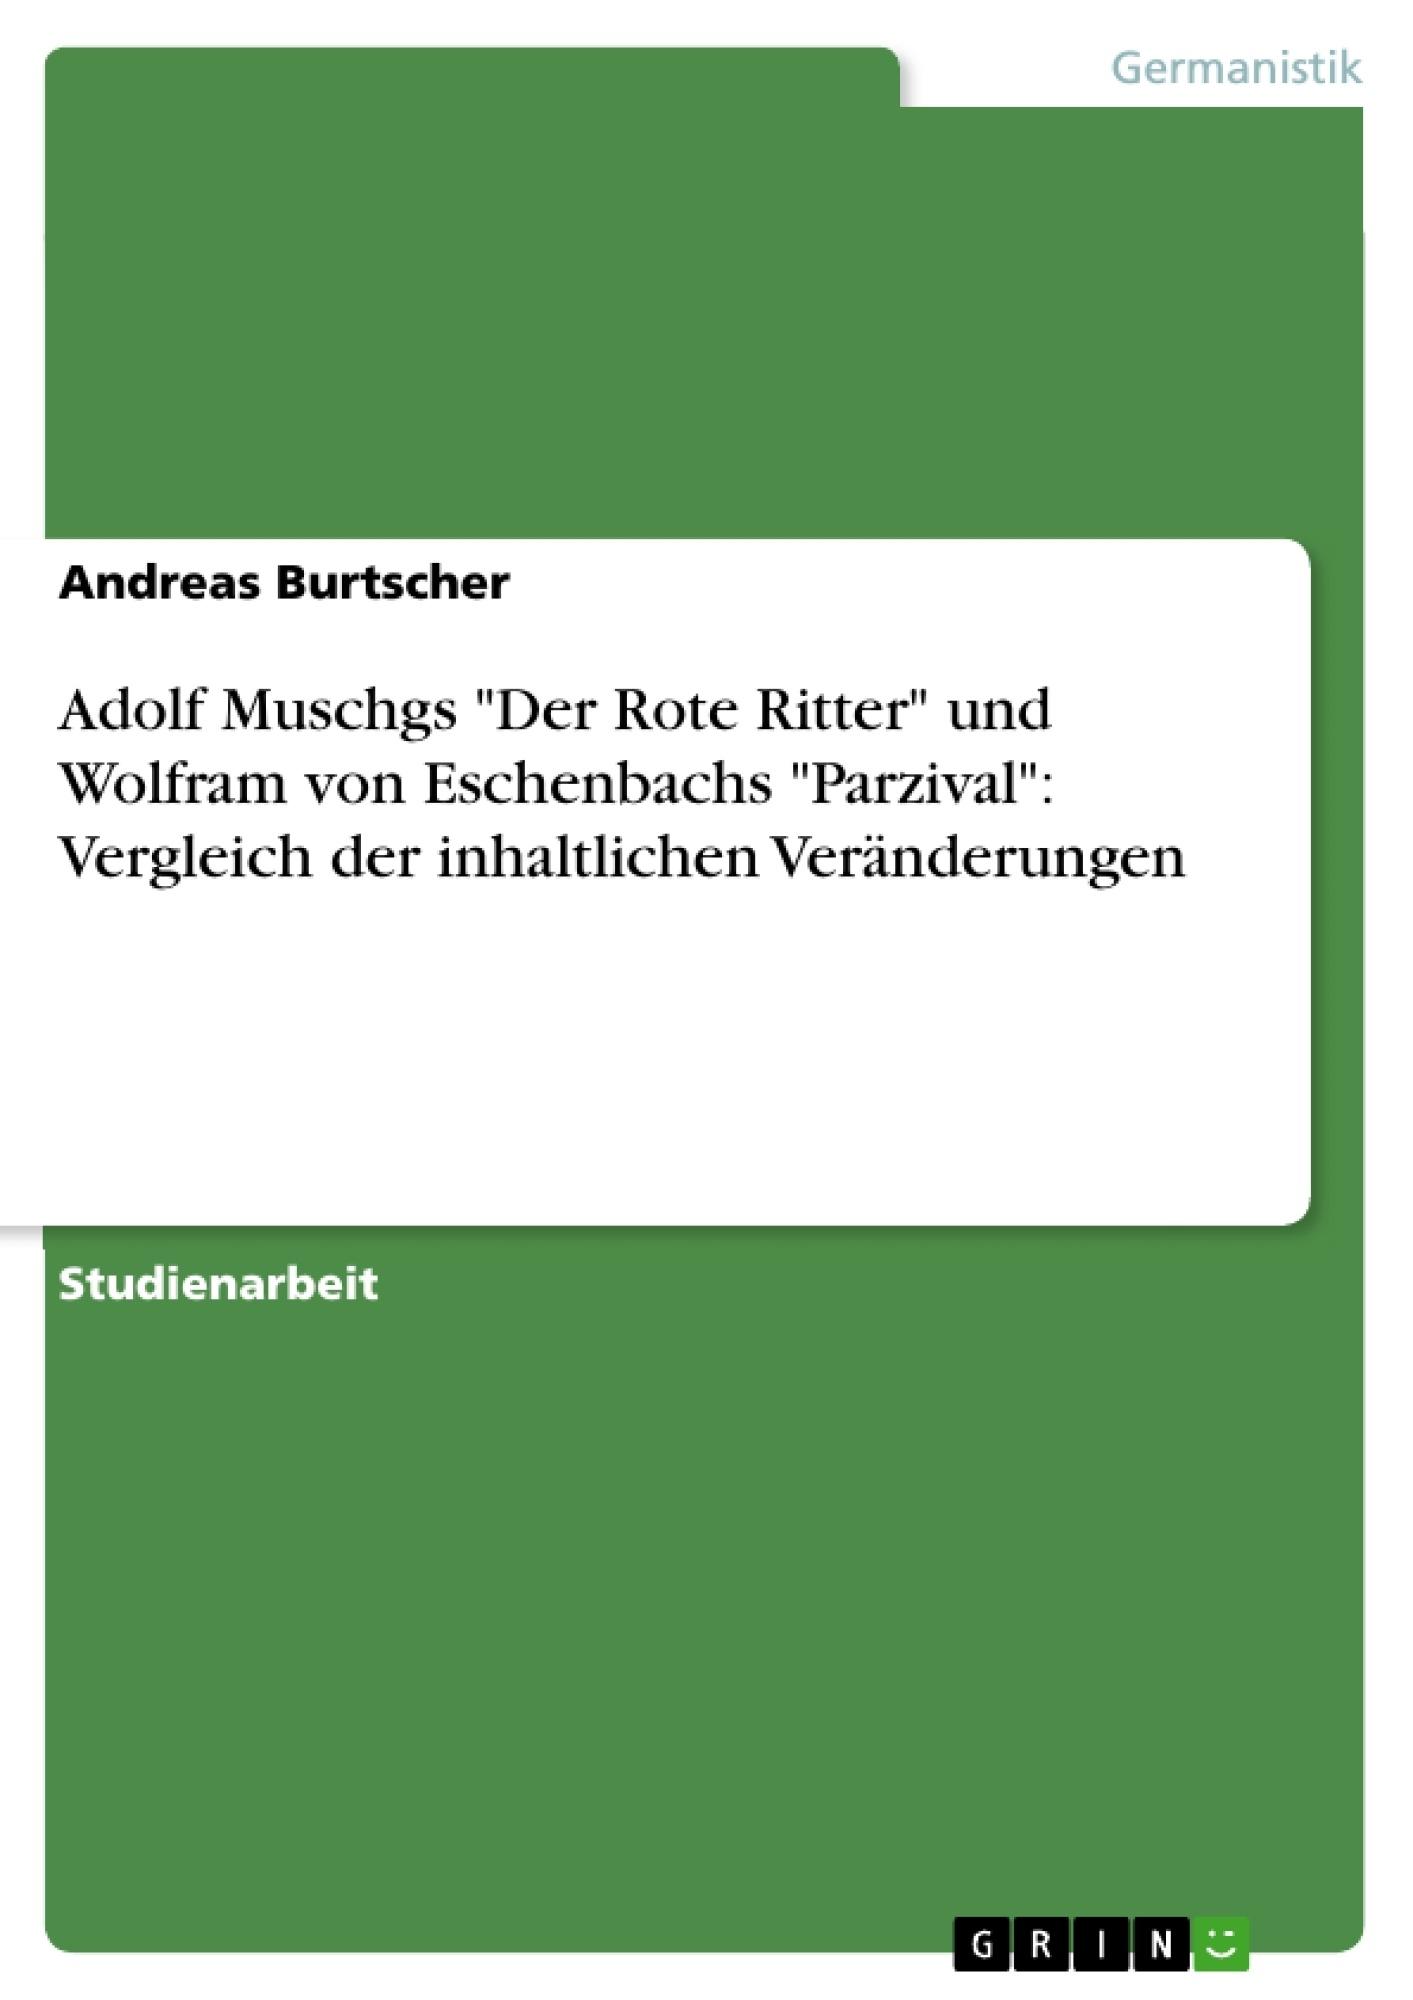 """Titel: Adolf Muschgs """"Der Rote Ritter"""" und Wolfram von Eschenbachs """"Parzival"""": Vergleich der inhaltlichen Veränderungen"""